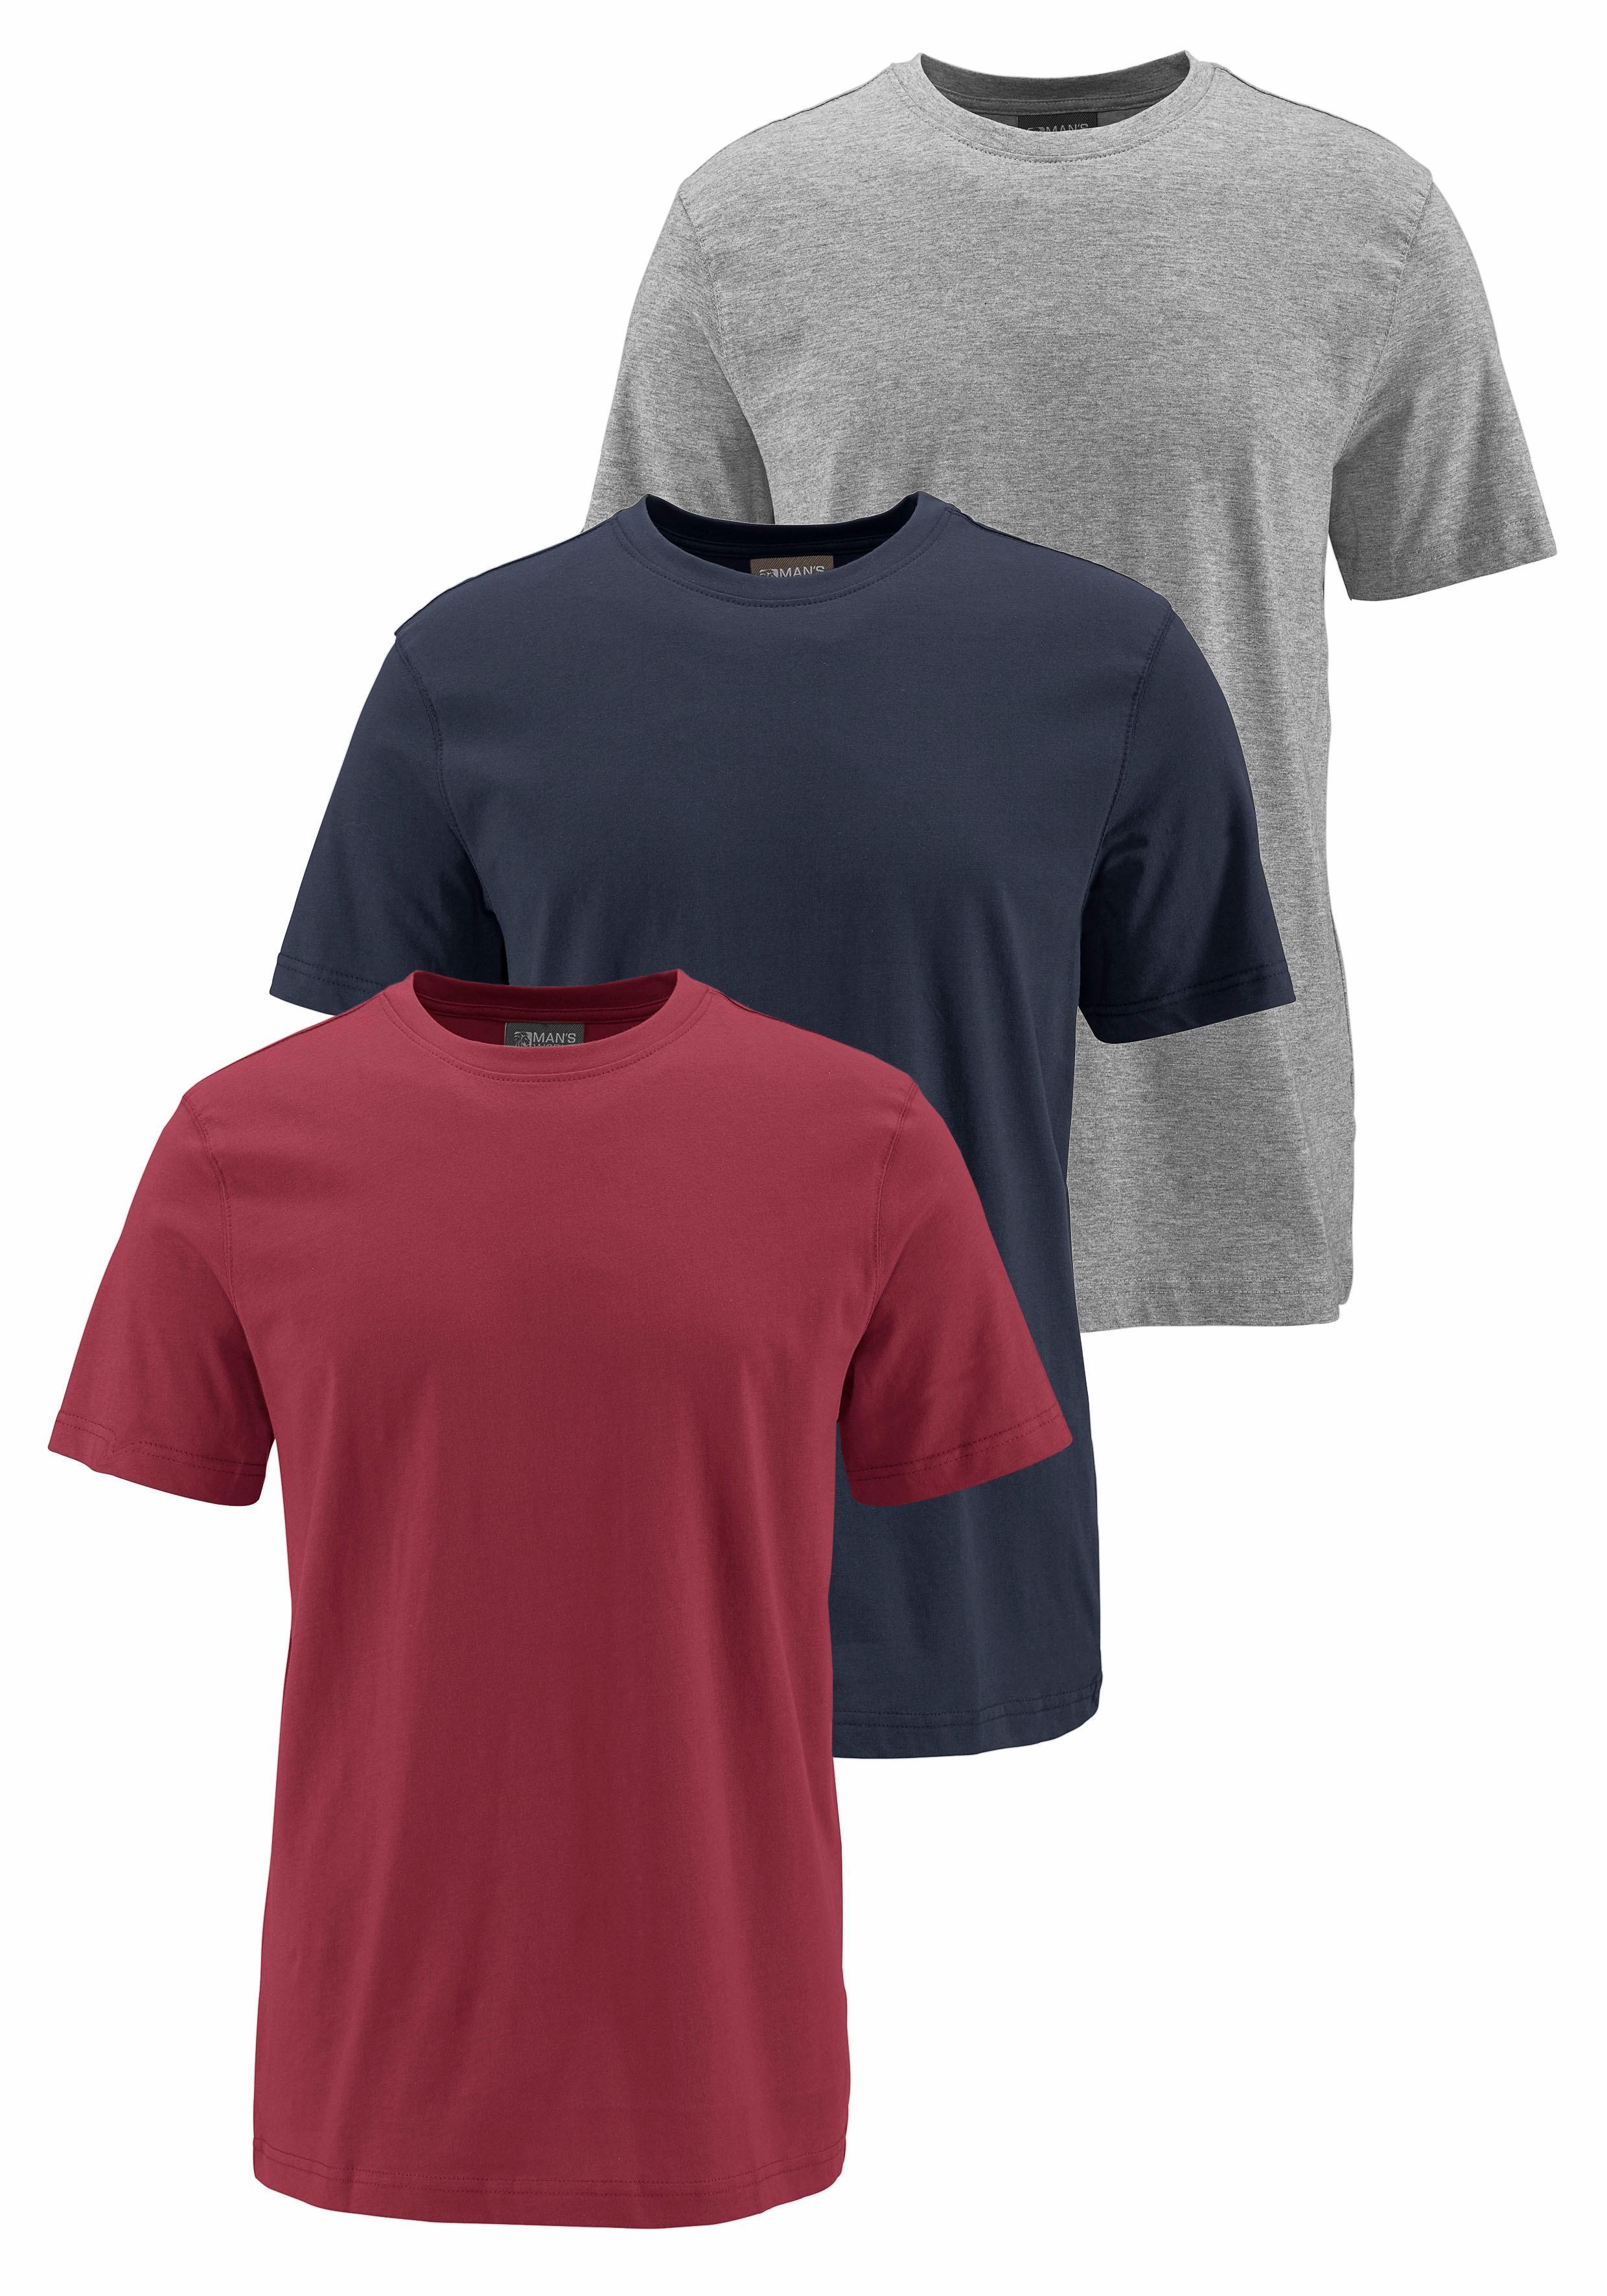 Man's World T-Shirt bestellen » BAUR